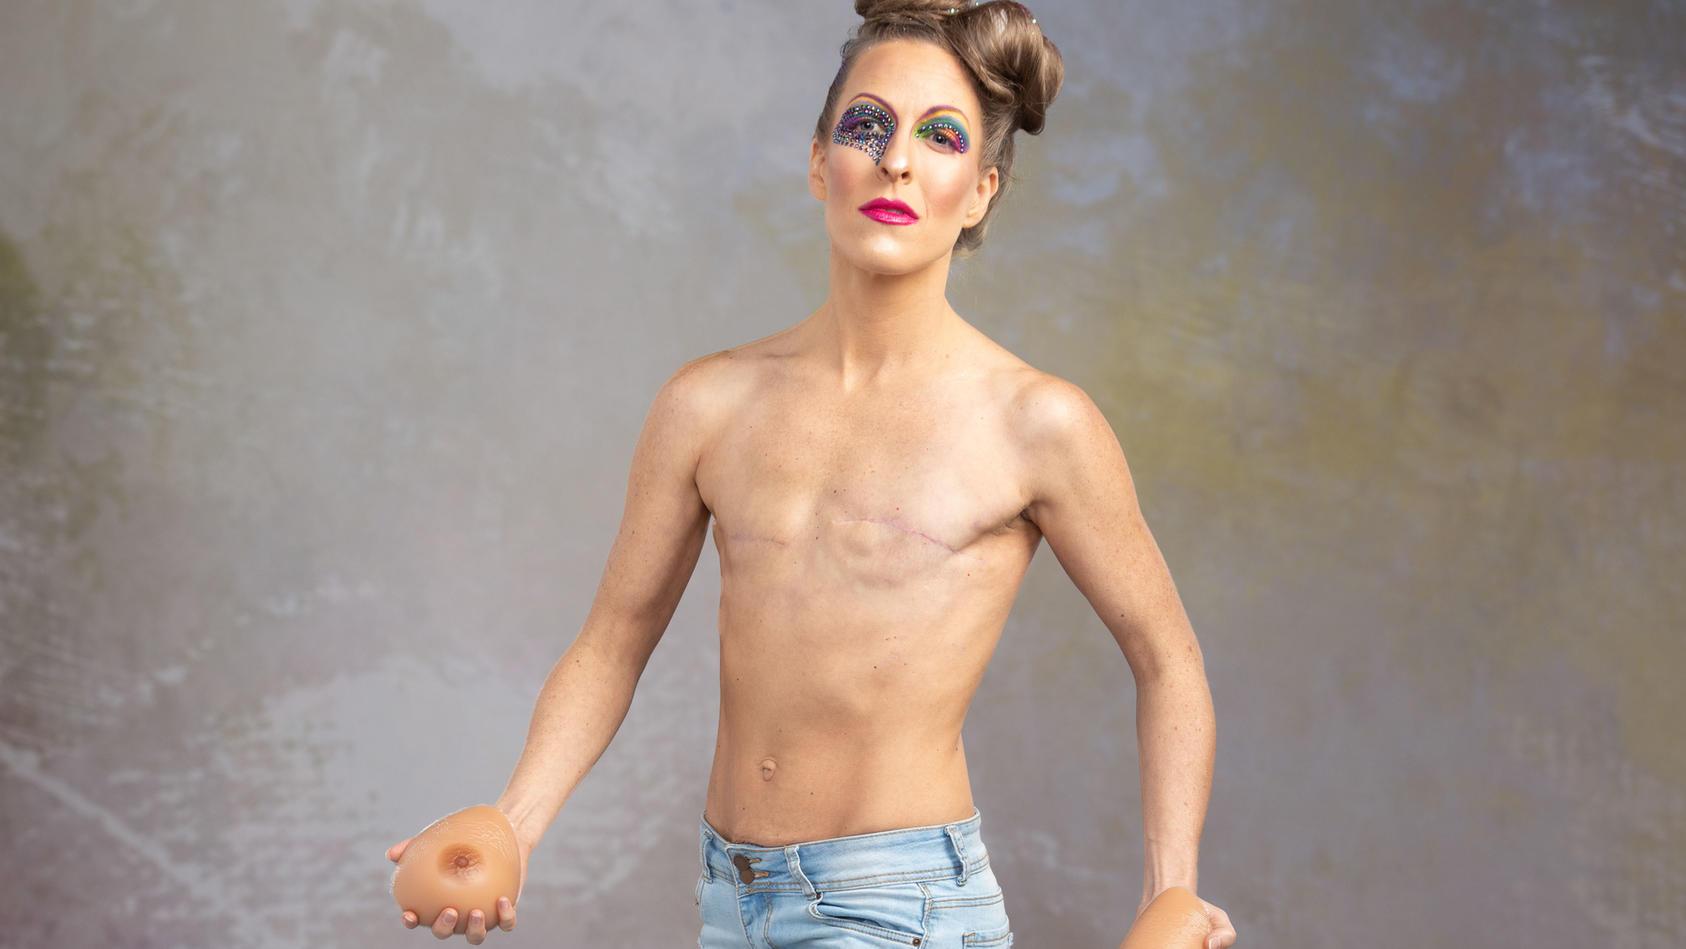 Bethany Kay Sell präsentiert stolz ihre Narben: Damit will die Brustkrebs-Überlebende anderen Frauen Mut machen.